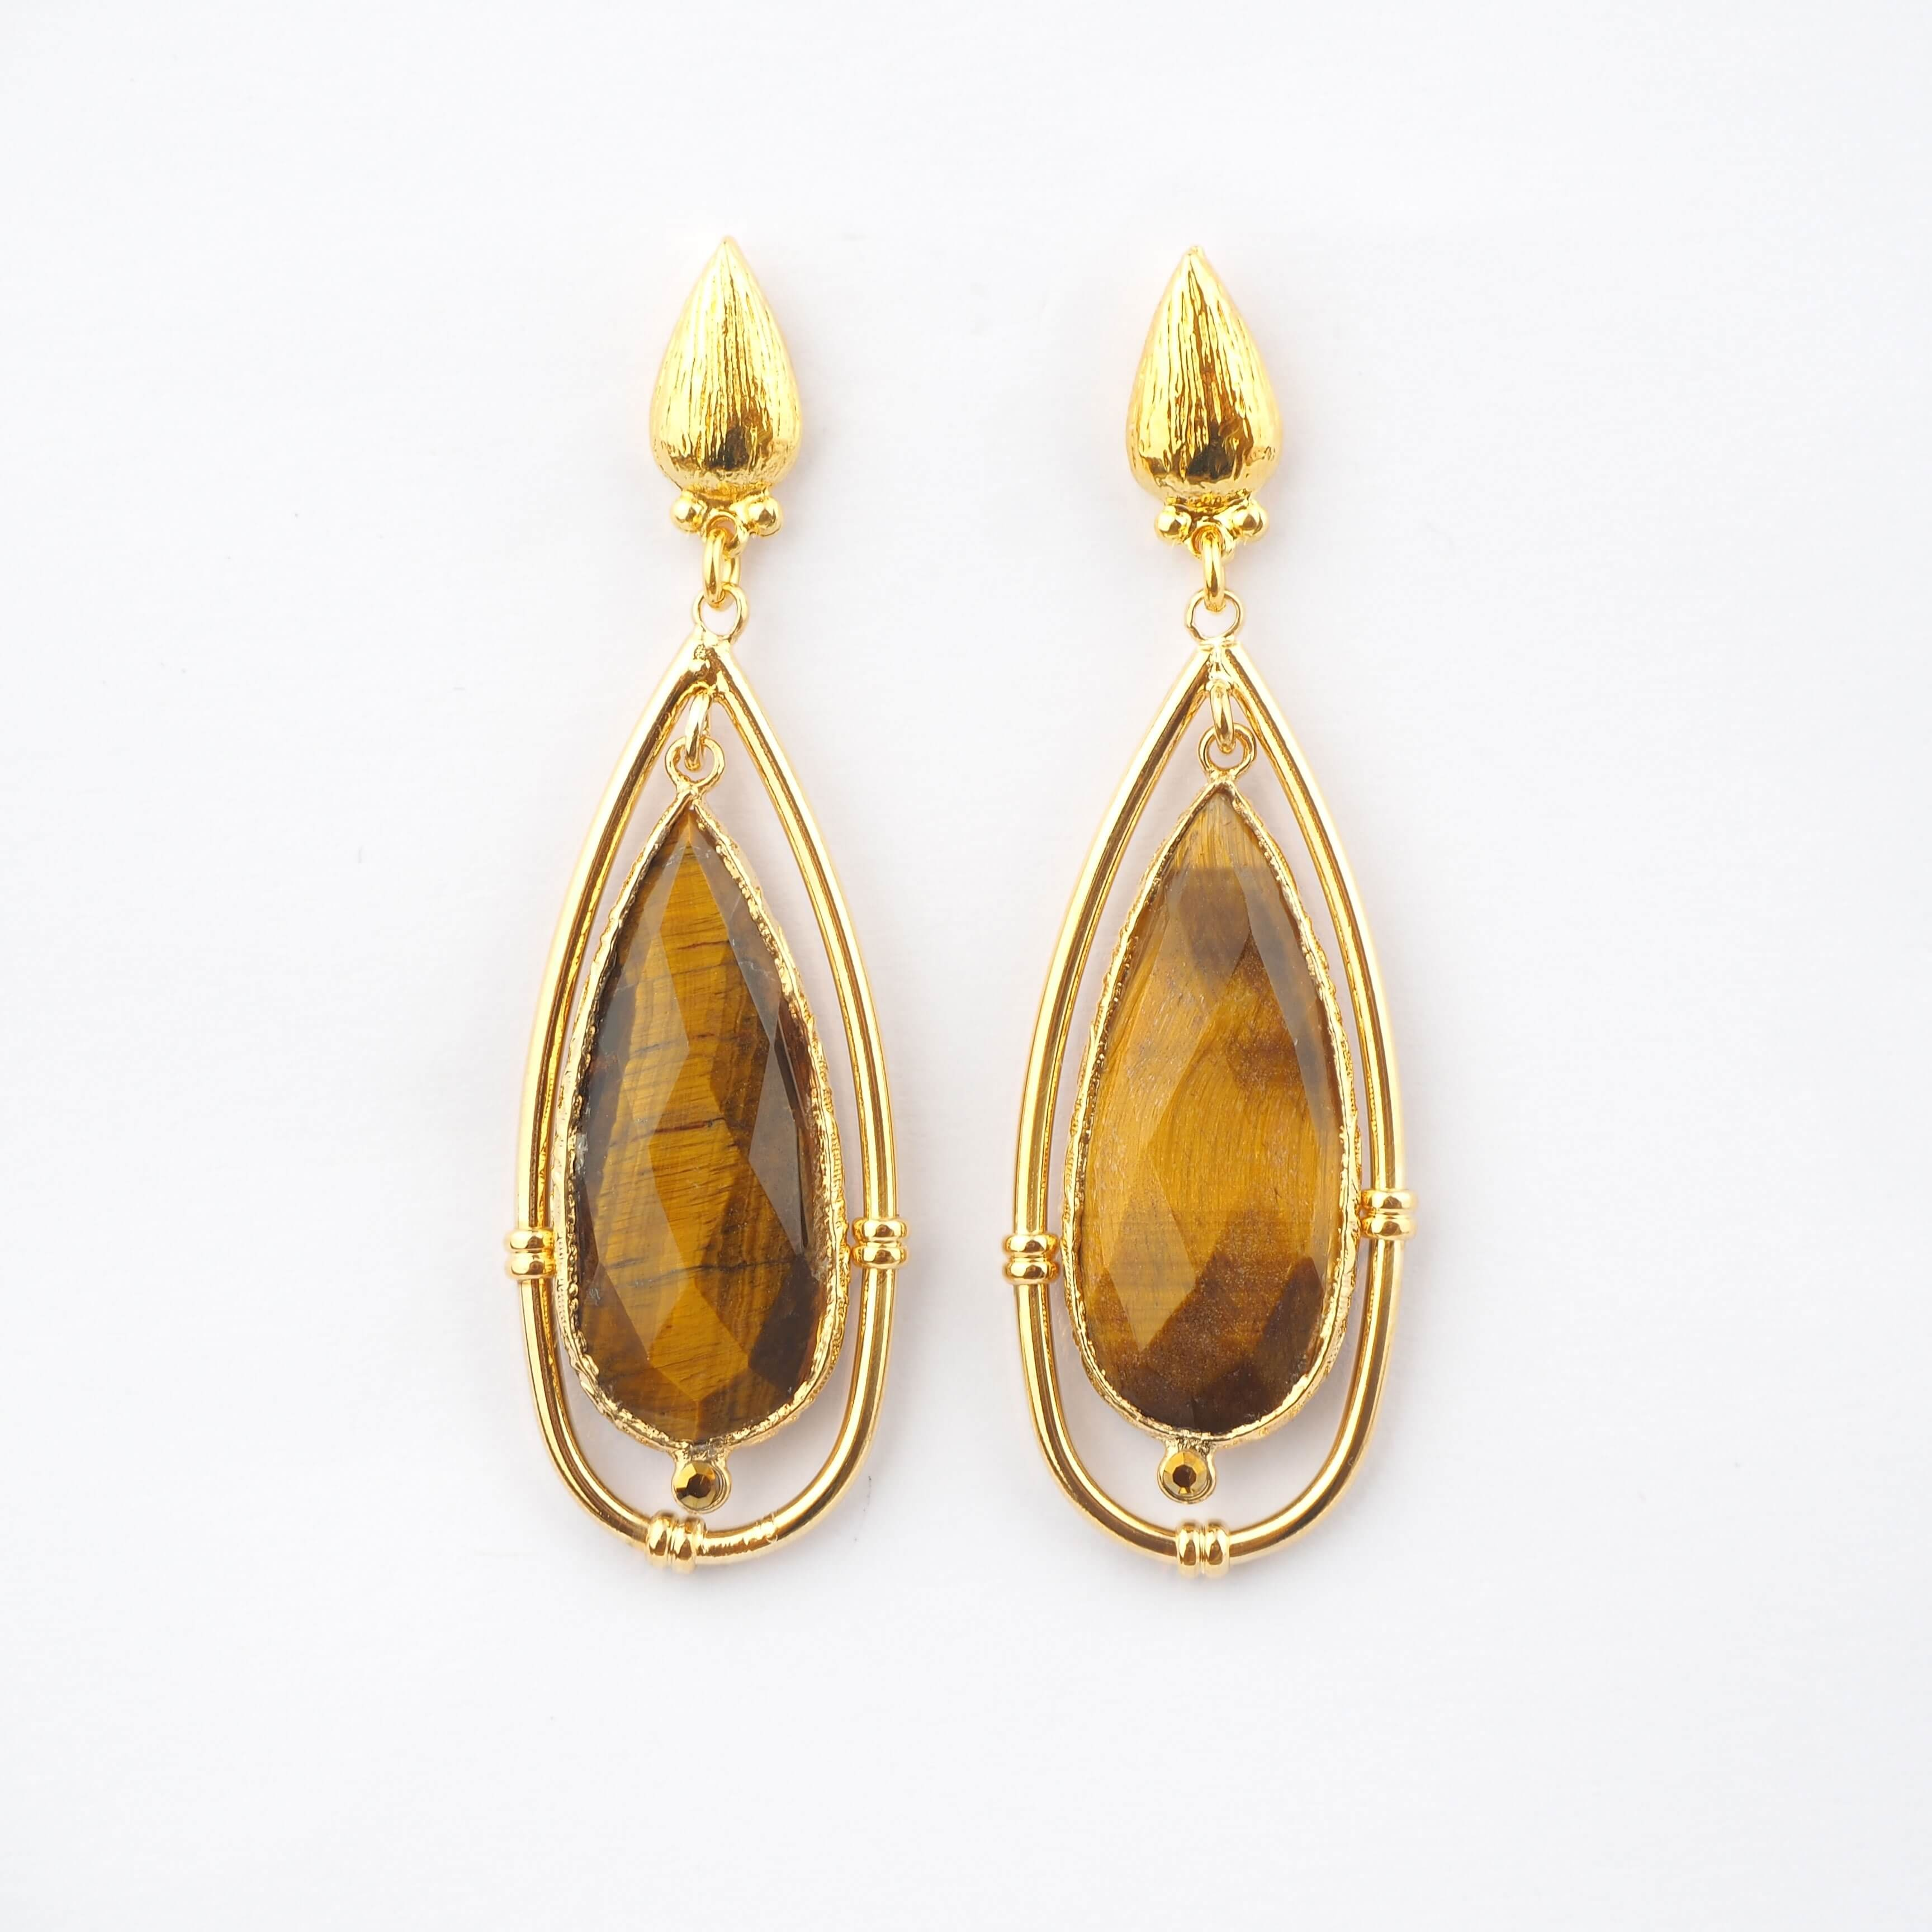 Boucles d'oreilles Serti cage PM - Gas bijoux